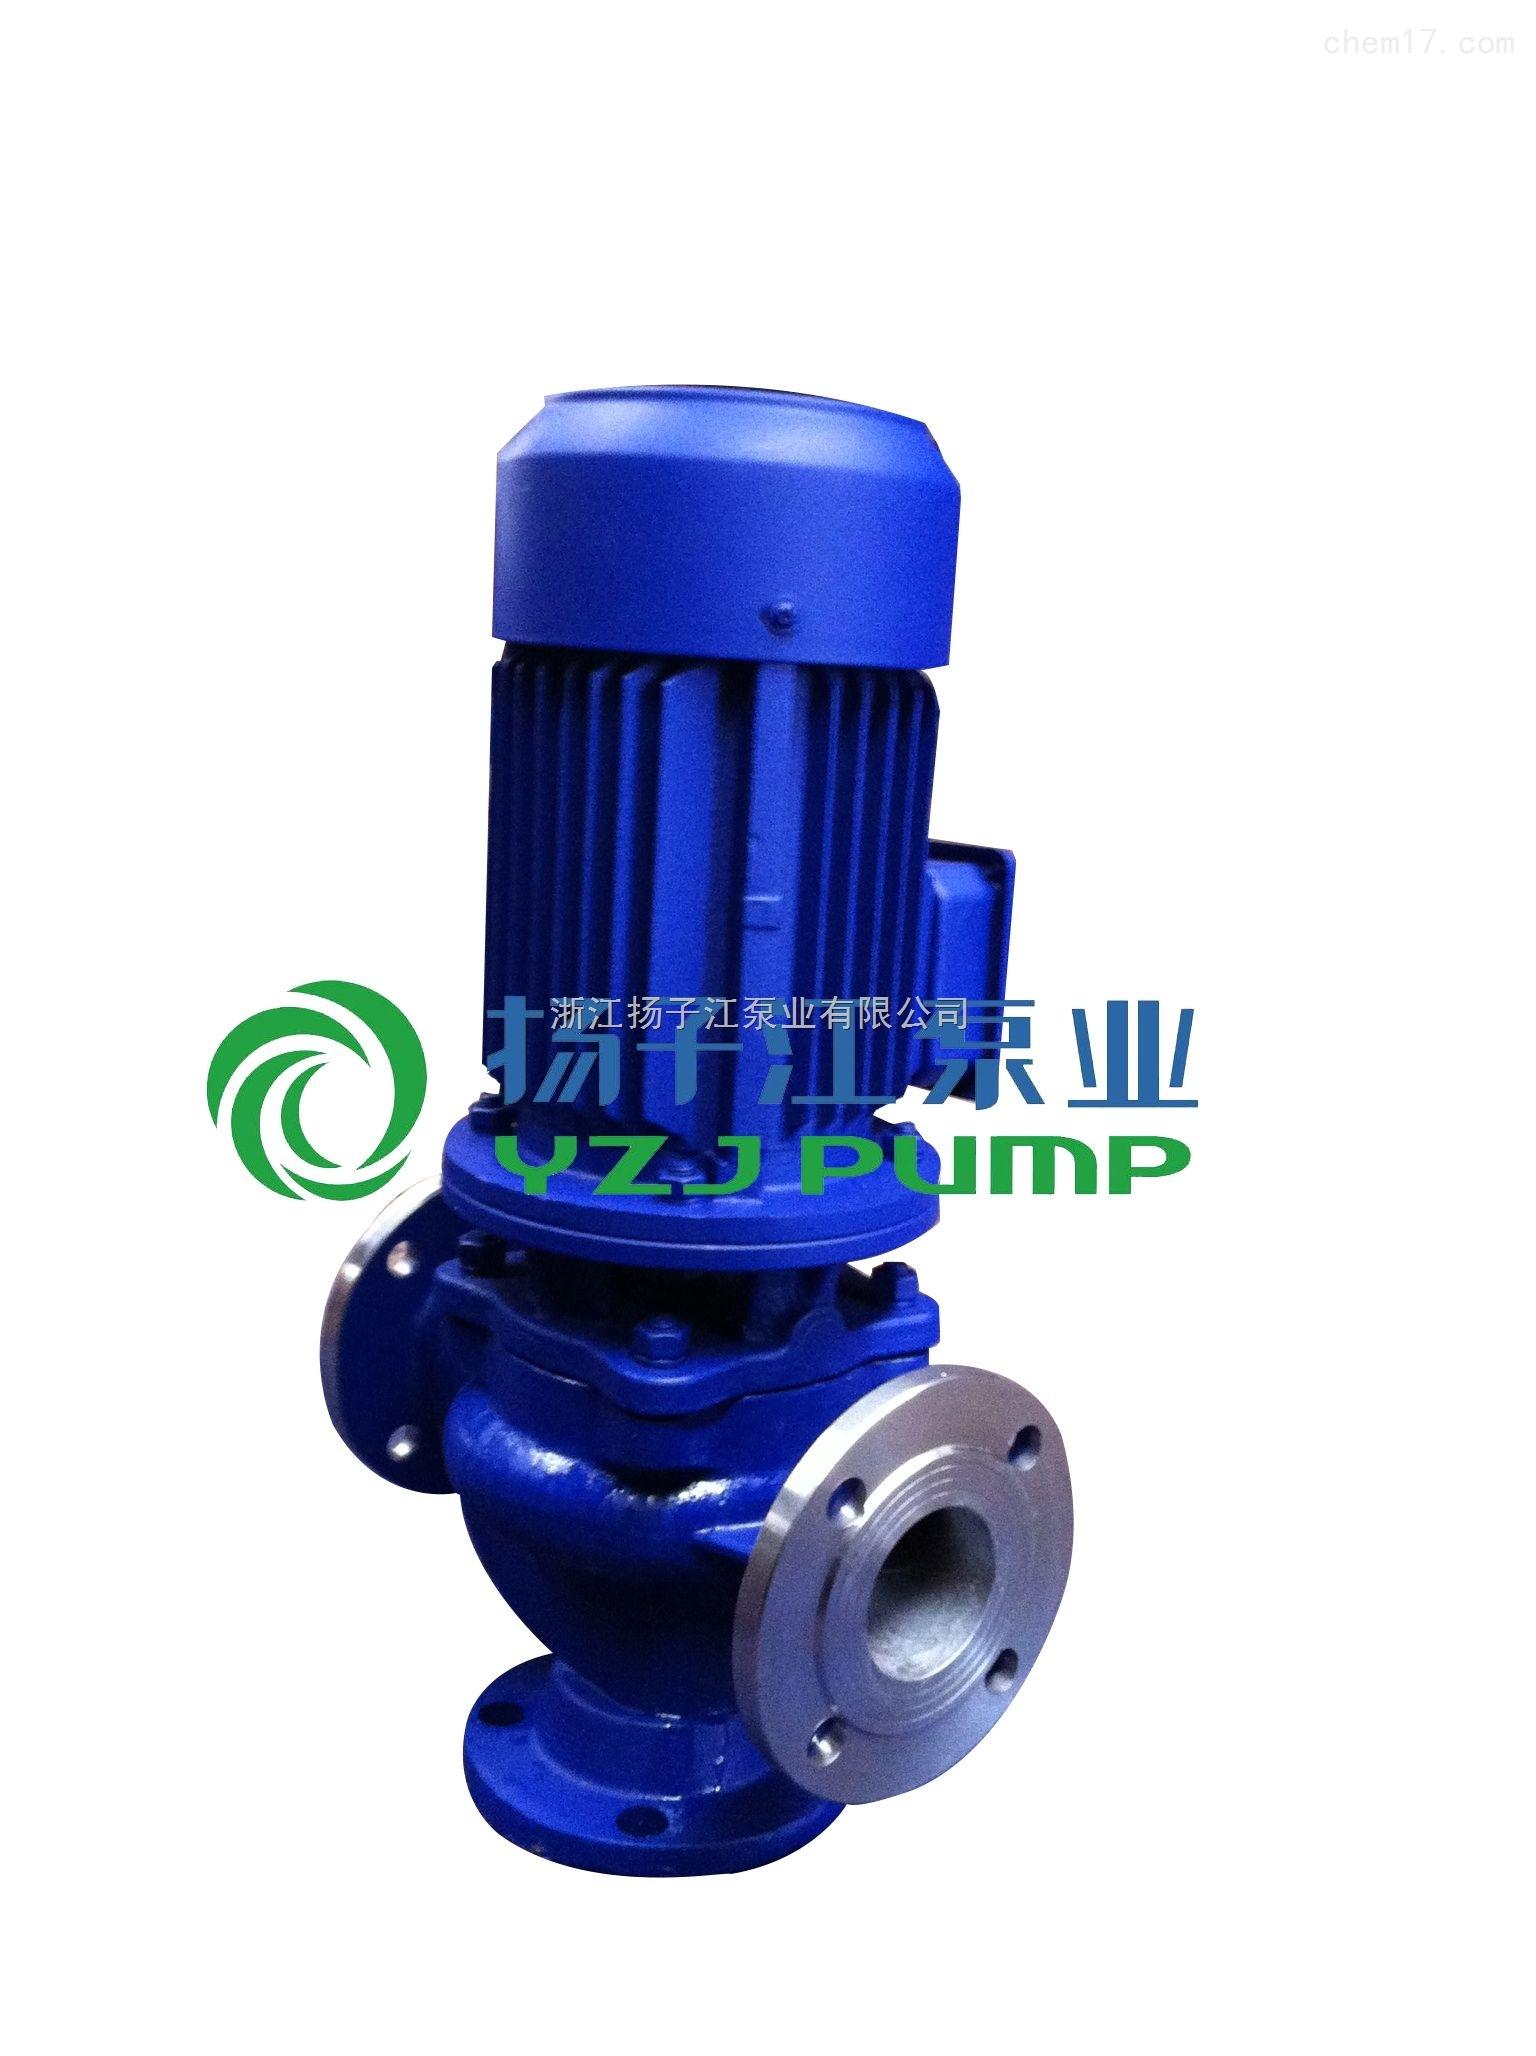 GW型管道排污泵,无堵塞排污泵,立式排污泵,单级排污泵,管道离心泵,大流道排污泵,污水泵